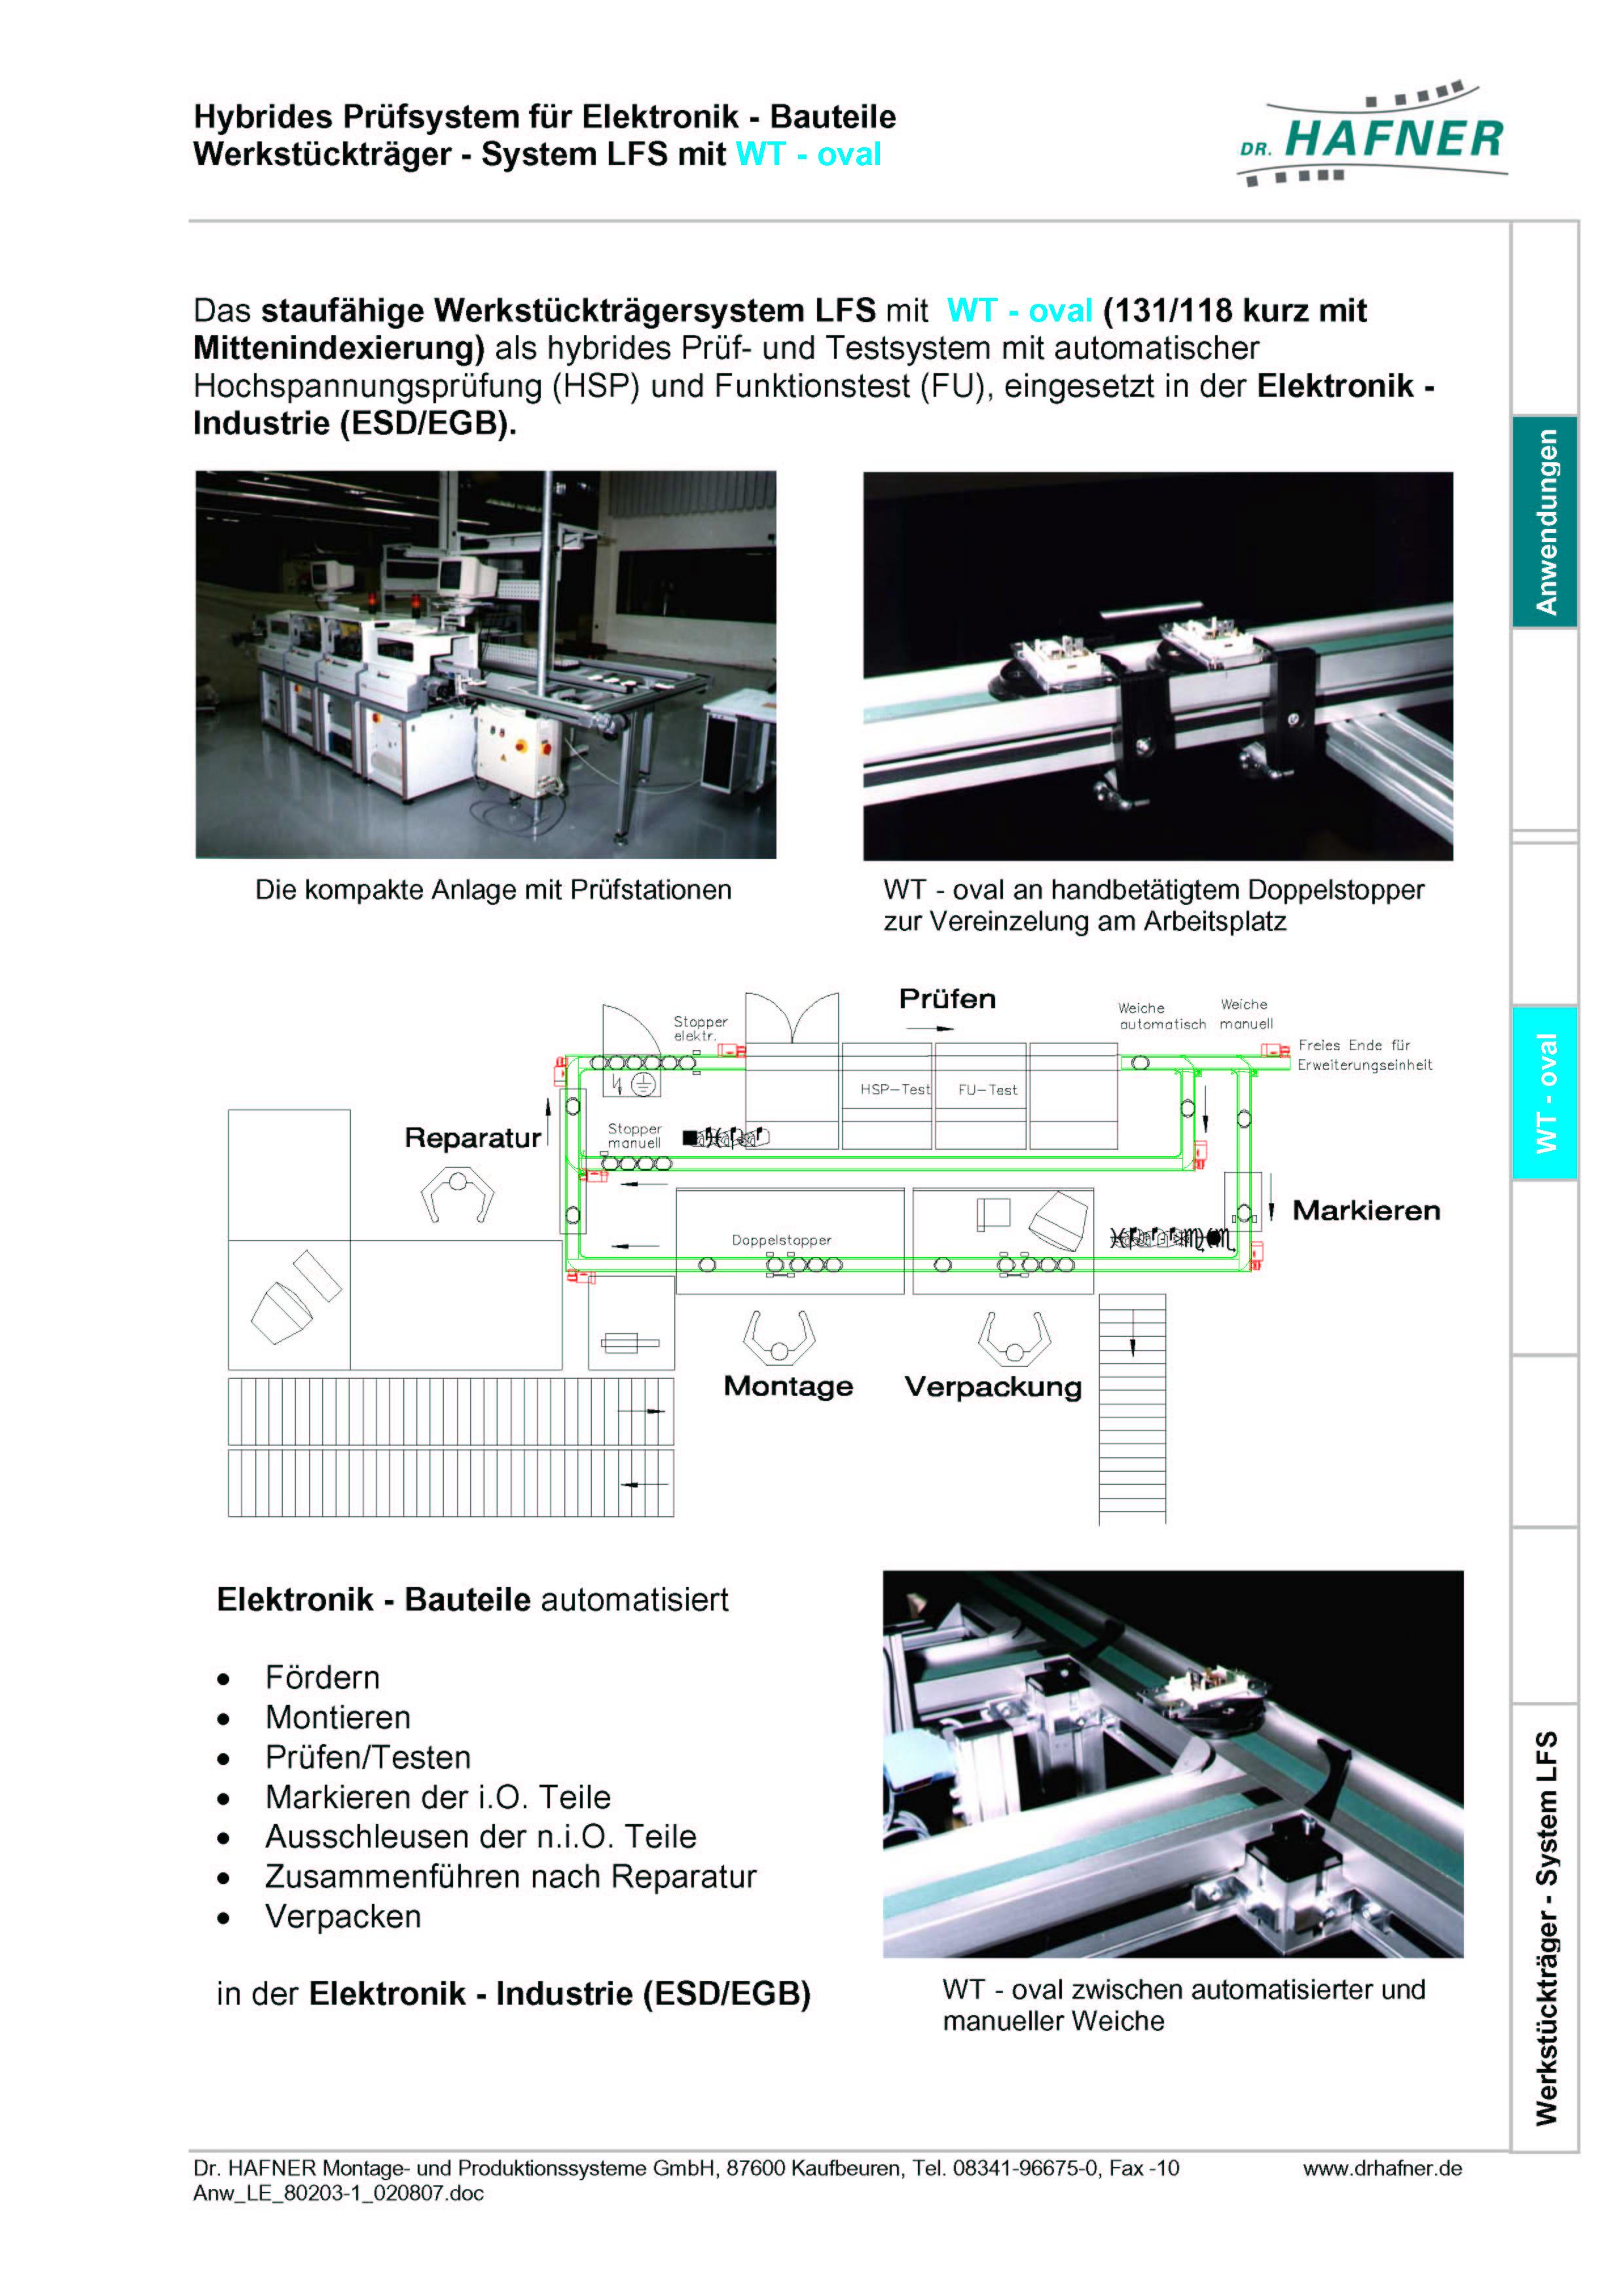 Dr. HAFNER_PKWP_23 Hybrides Prüfsystem Elektronik Werkstückträger